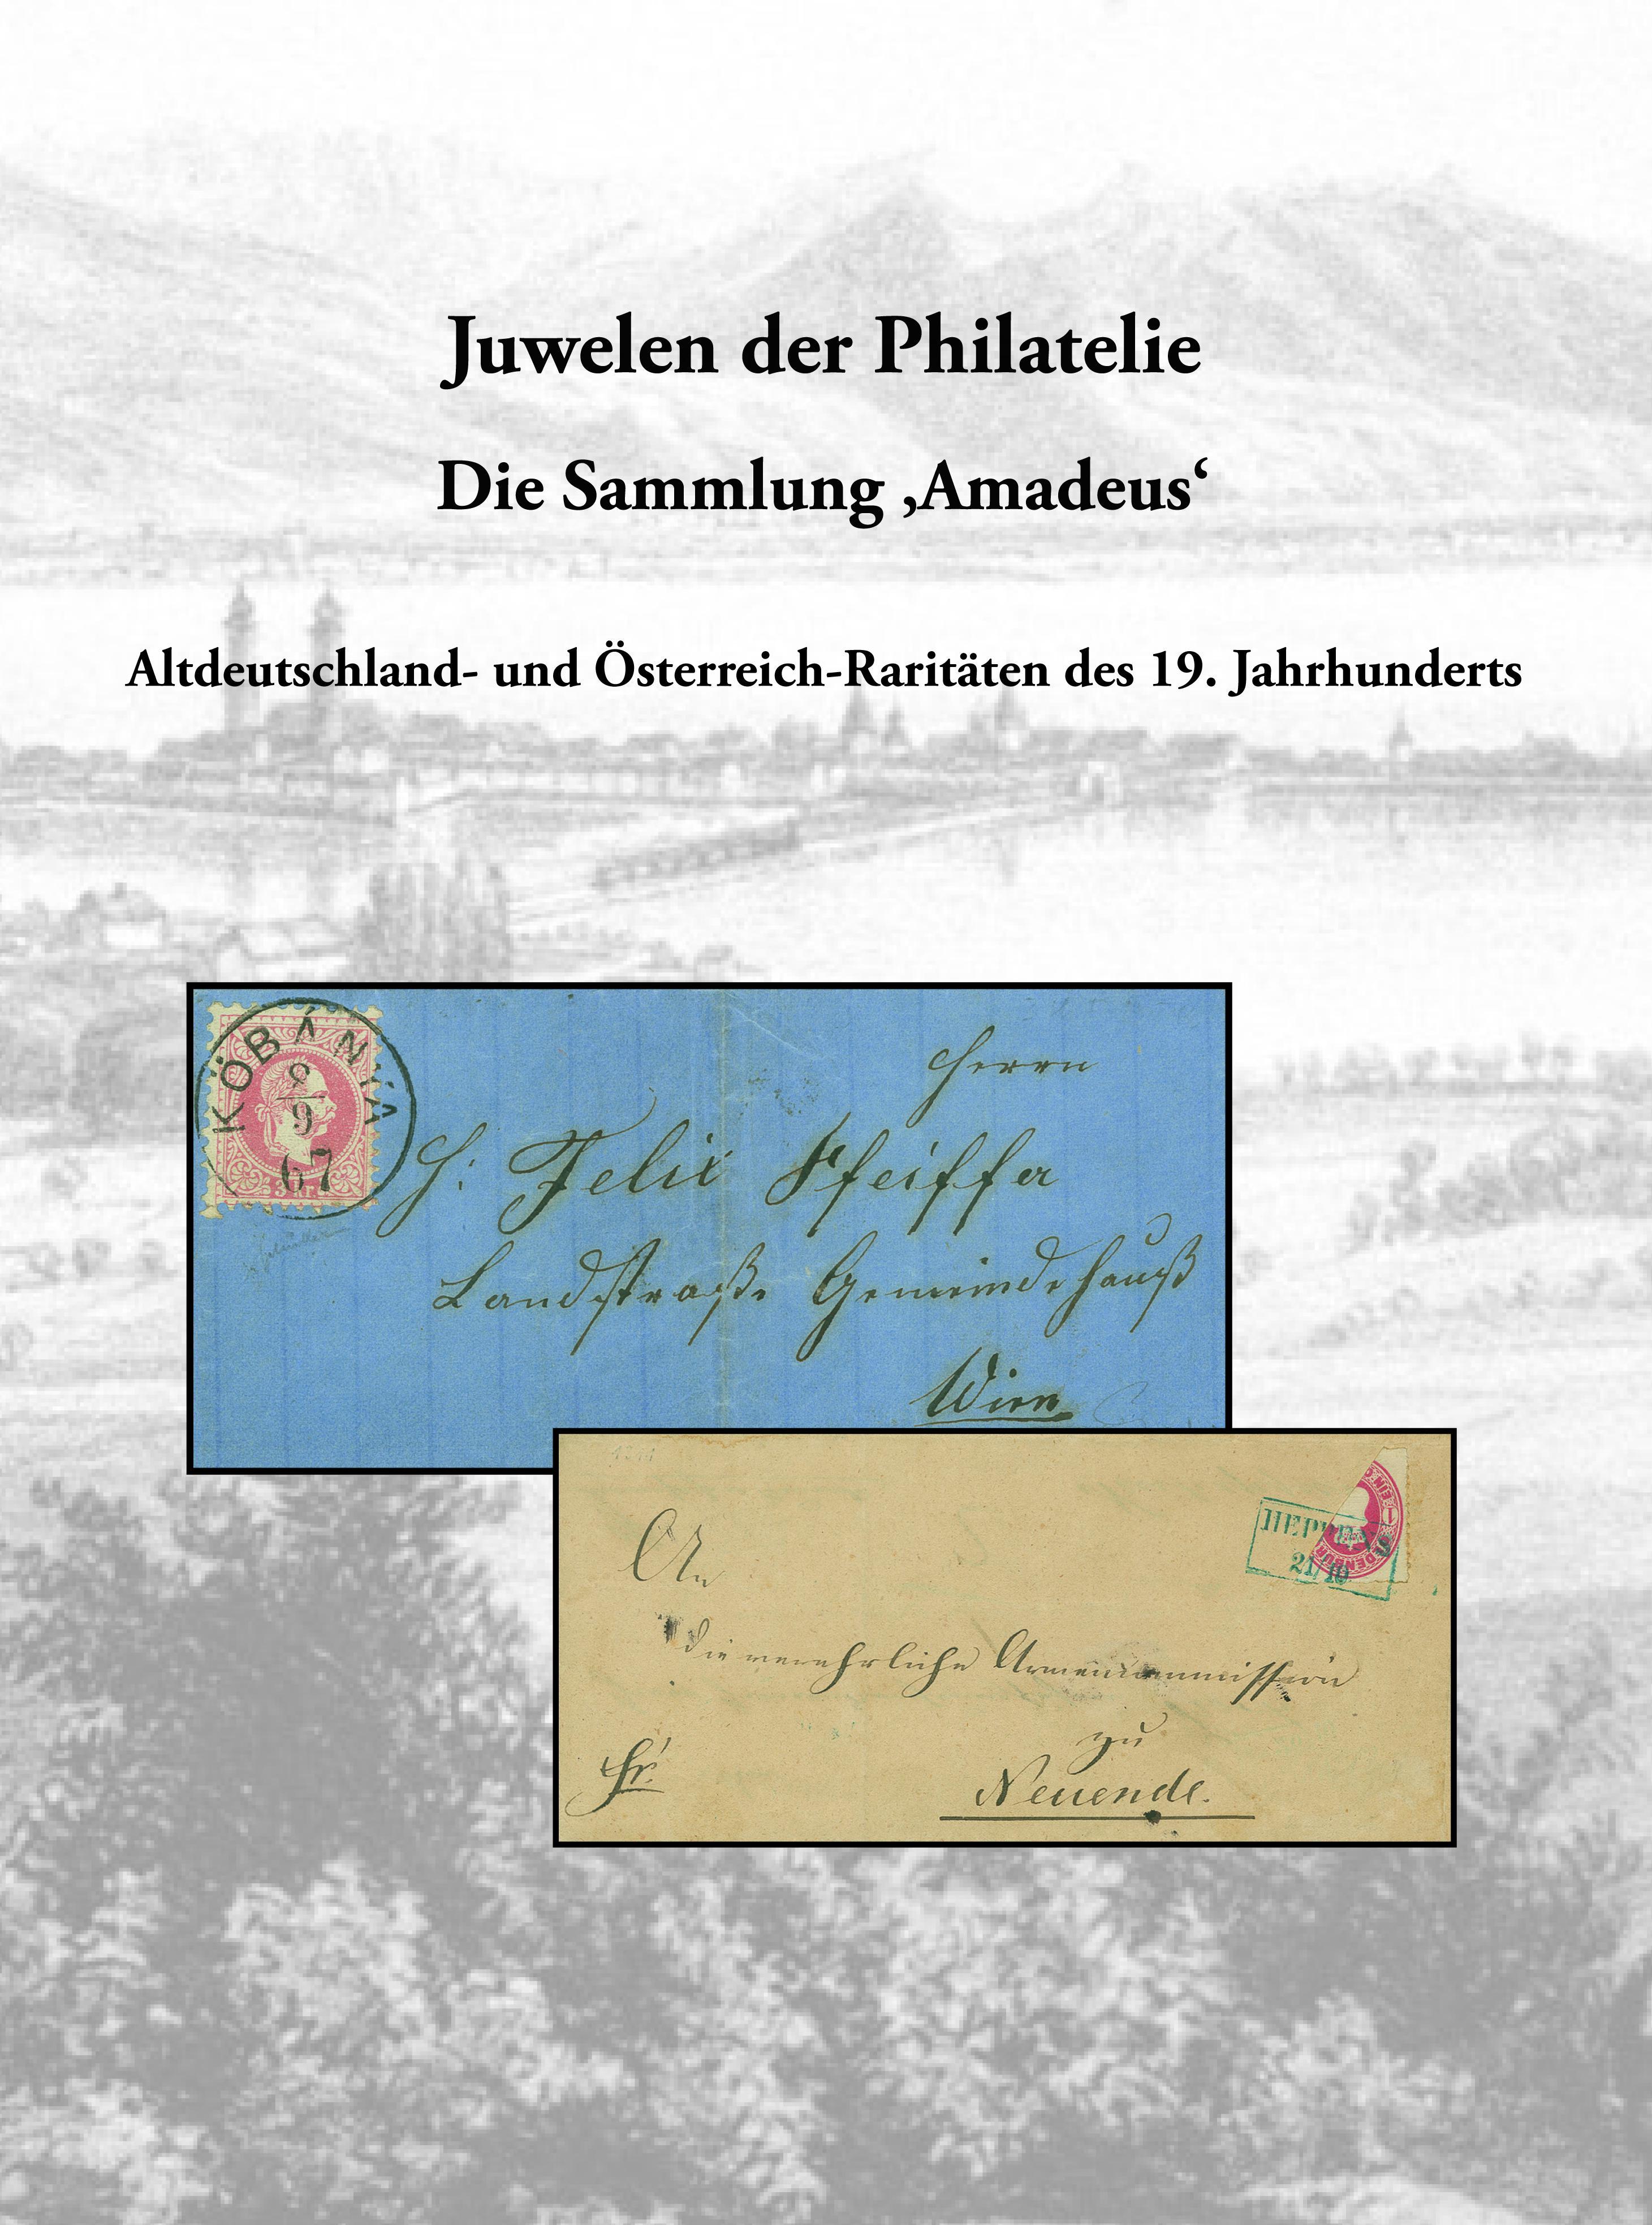 EDITION SPÉCIALE • Juwelen der Philatelie - Altdeutschland- und Österreich-Raritäten des 19. Jahrhunderts • Die Sammlung 'Amadeus'